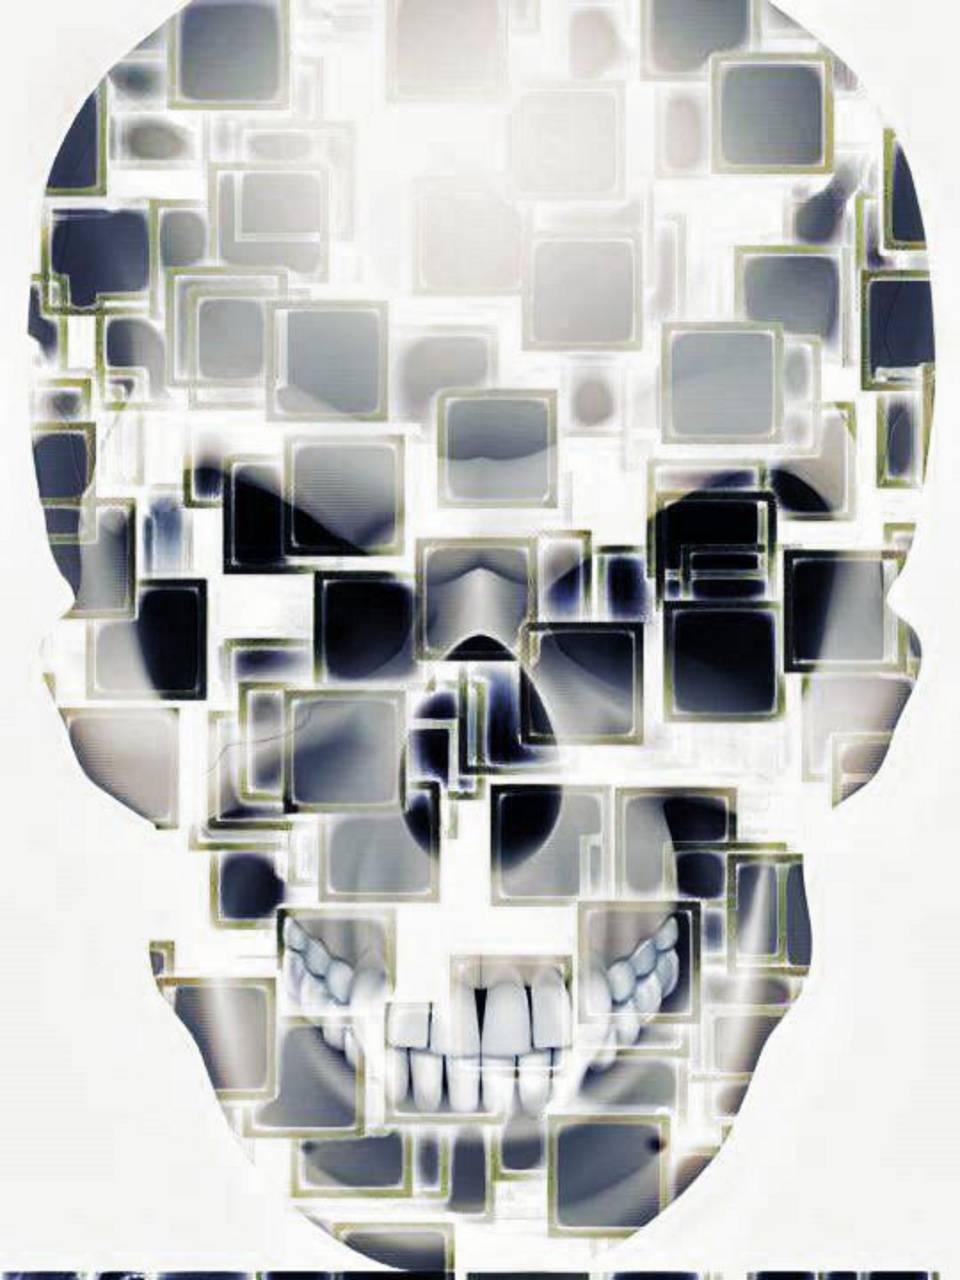 Decomp skull